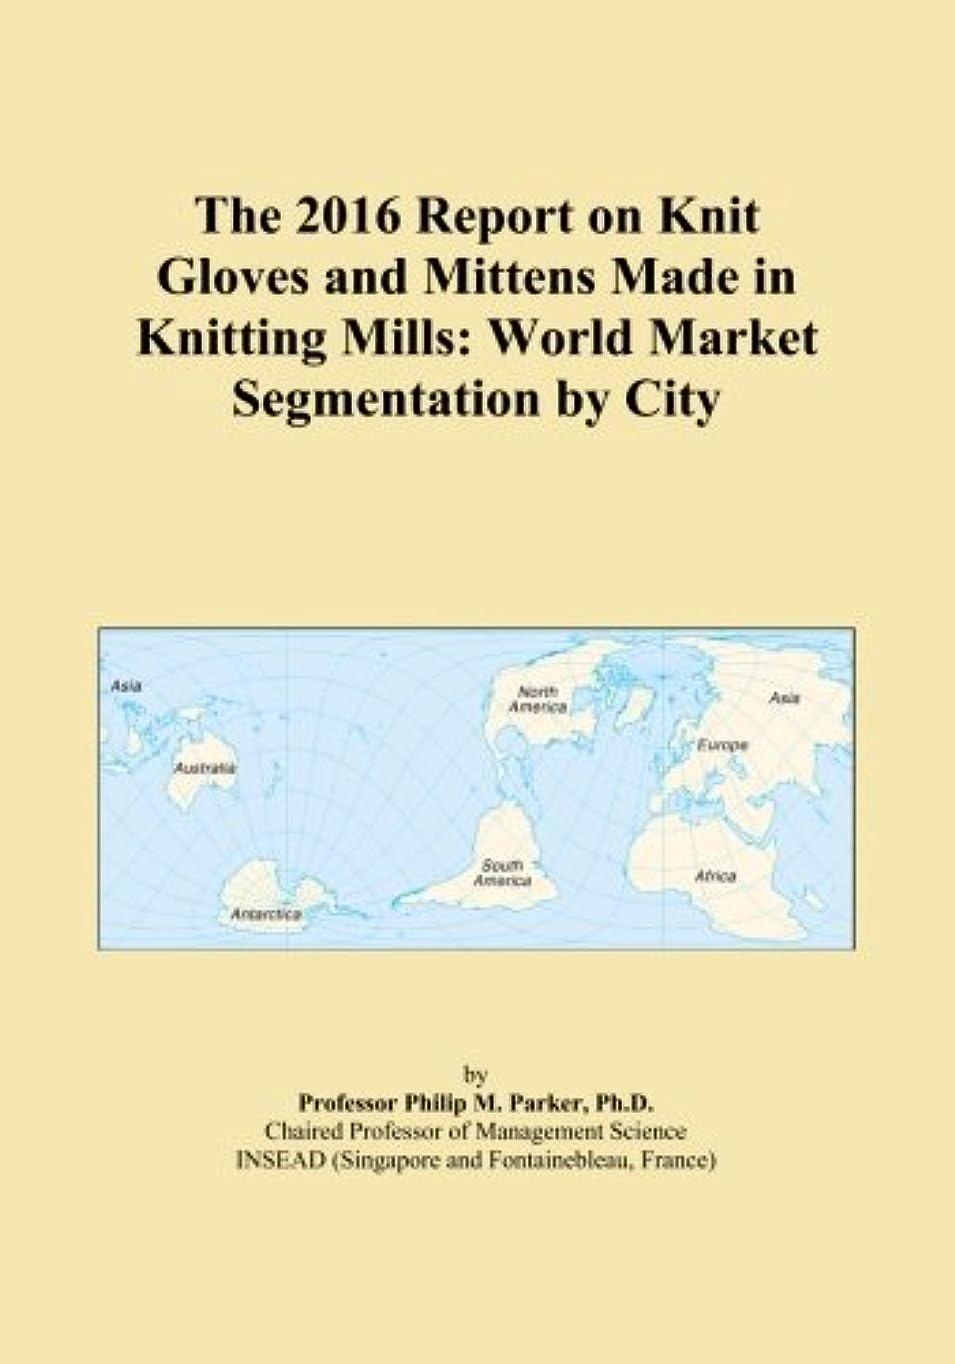 通知する上昇フィクションThe 2016 Report on Knit Gloves and Mittens Made in Knitting Mills: World Market Segmentation by City